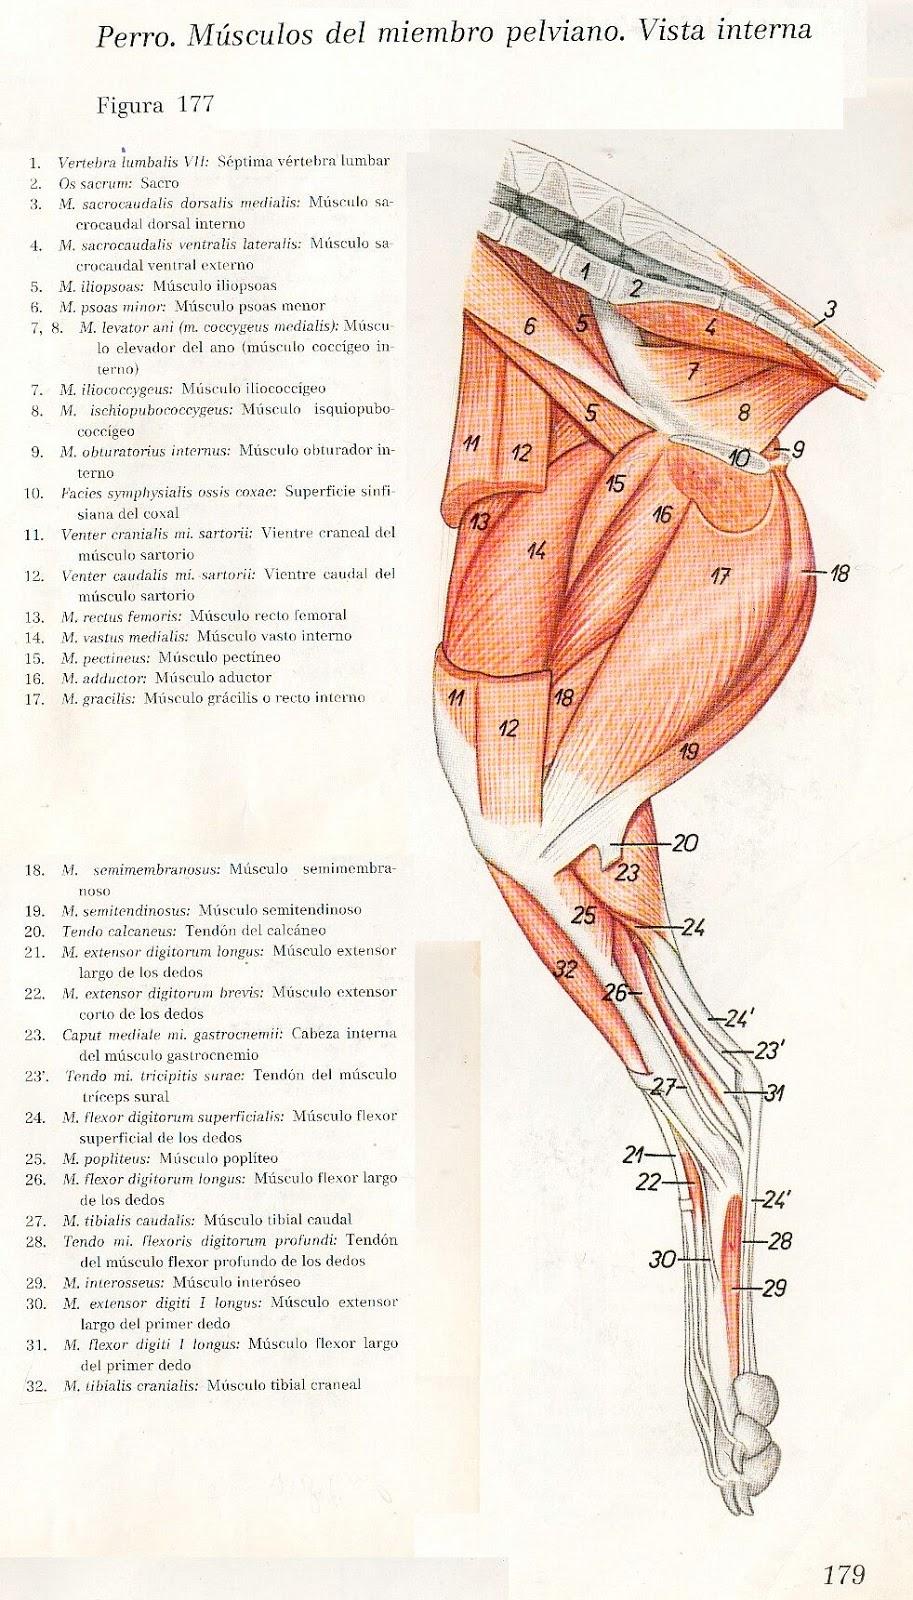 Fantástico Anatomía Músculo Canino Ilustración - Imágenes de ...